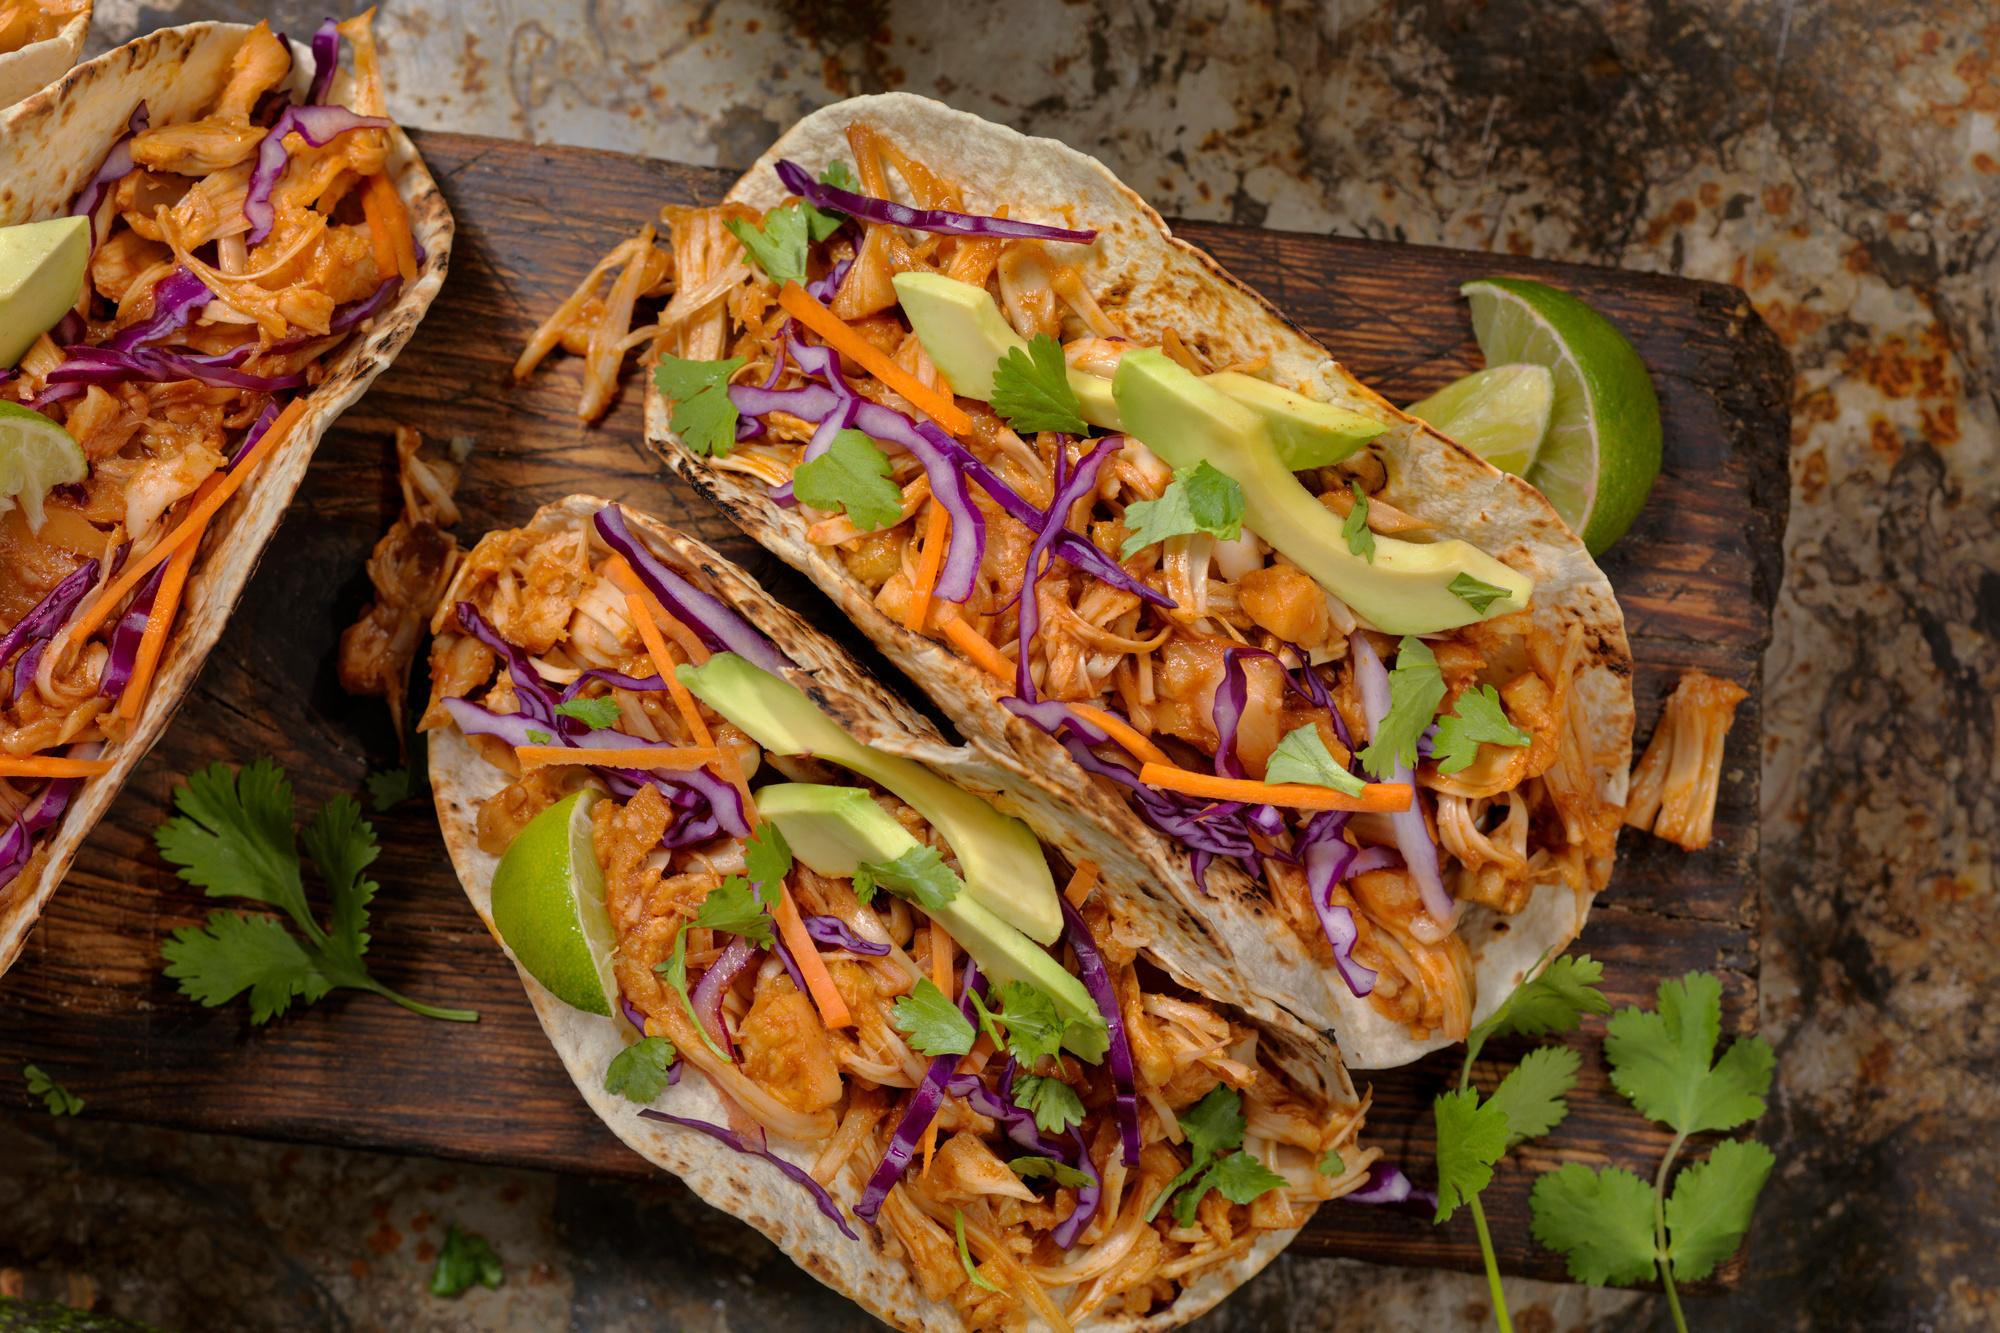 Tacos d'effilochés de porc au jaque, Getty Images